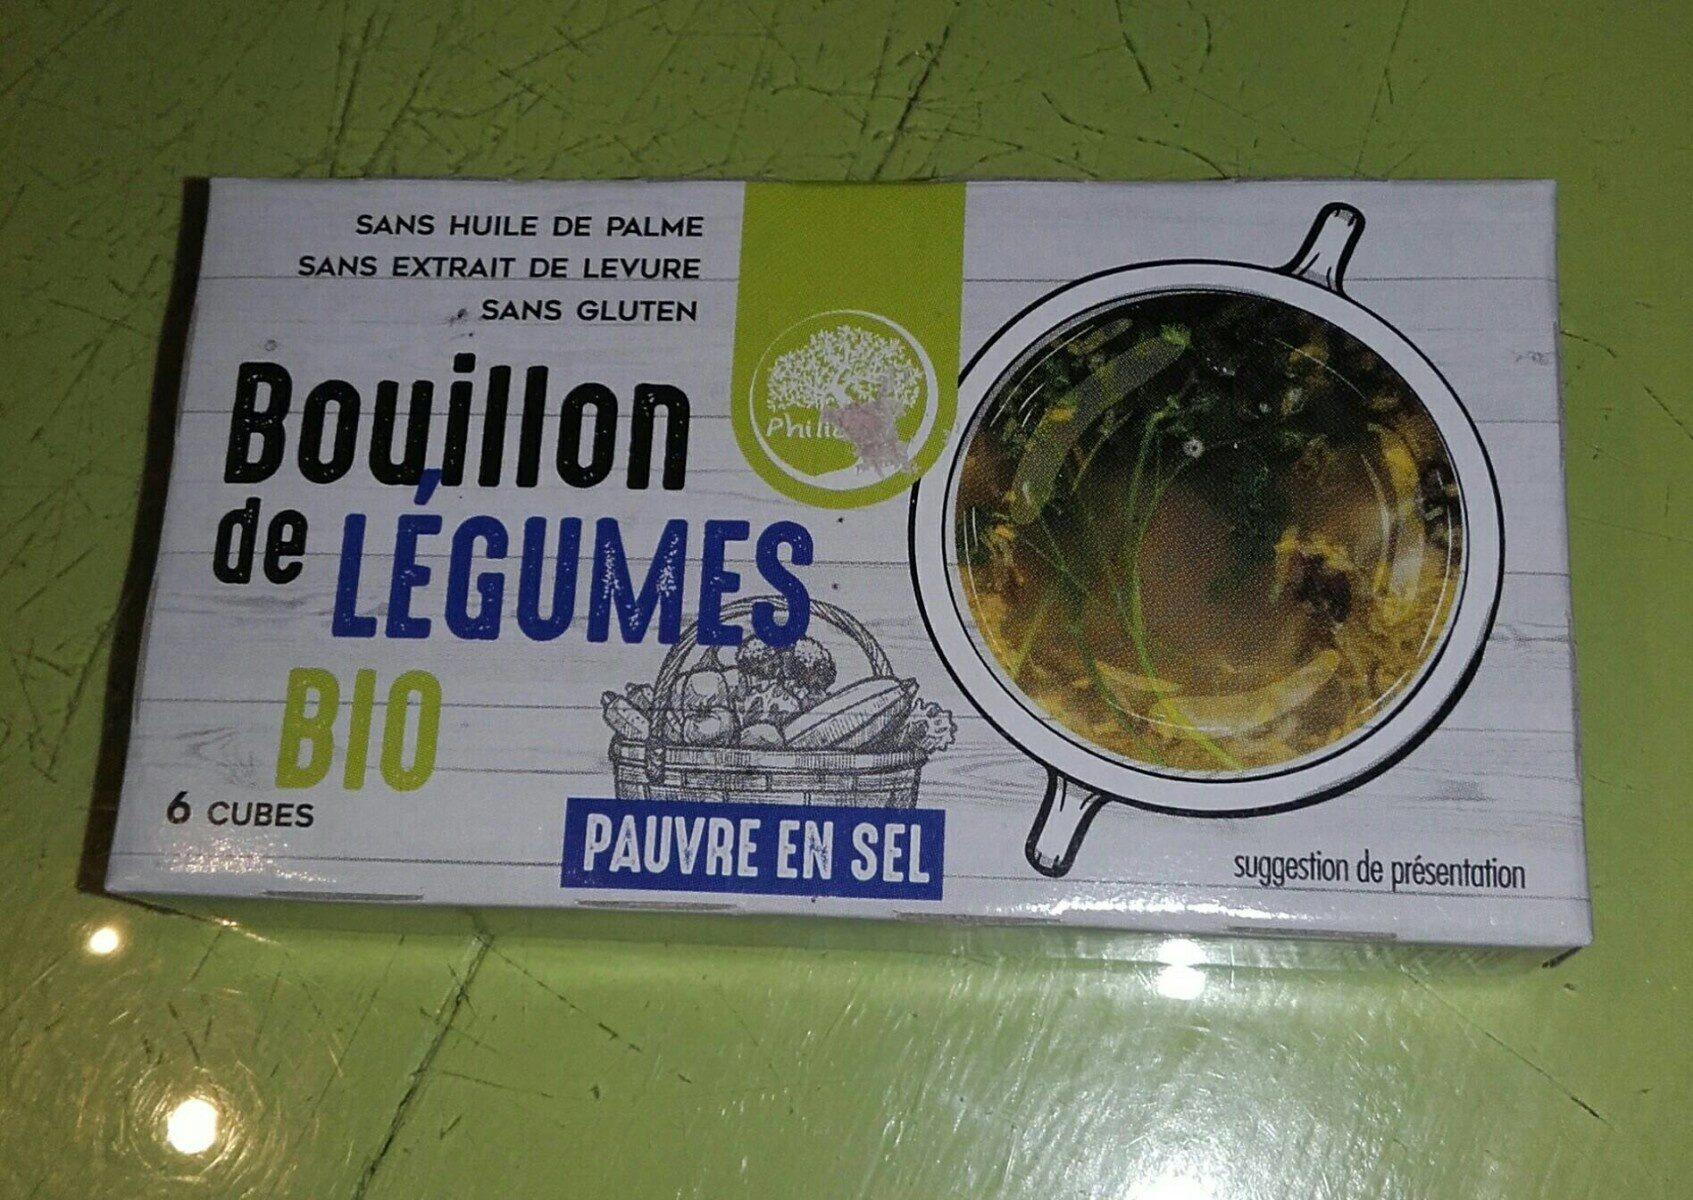 Bouillon de legumes - Produit - fr